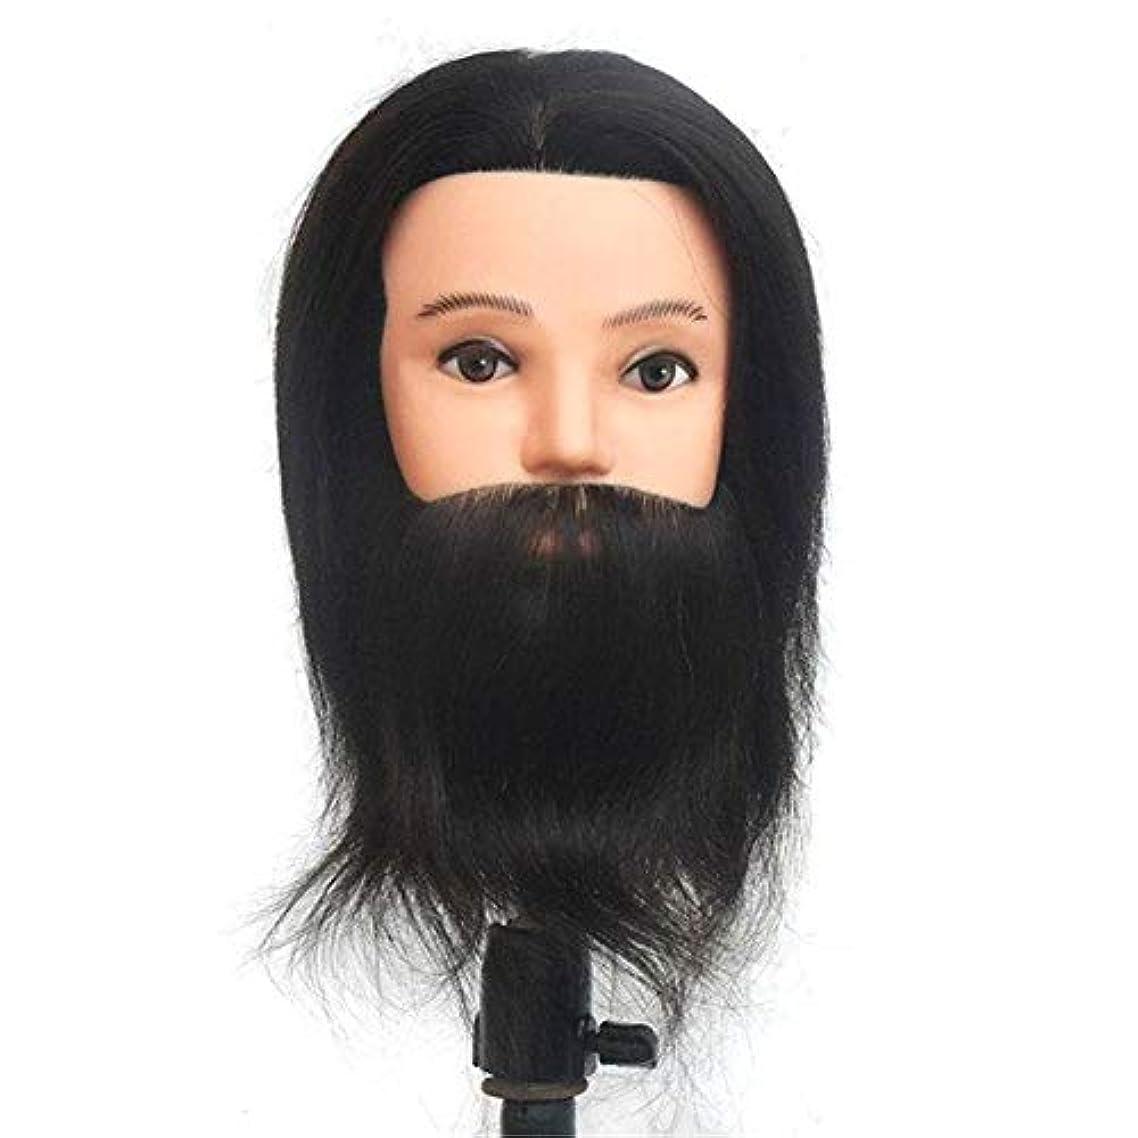 西部適合するペネロペリアル人間の髪トレーニングヘッドパーマ髪モデル髪染め理髪ダミーヘッドトリミングひげ学習ヘッドモデル